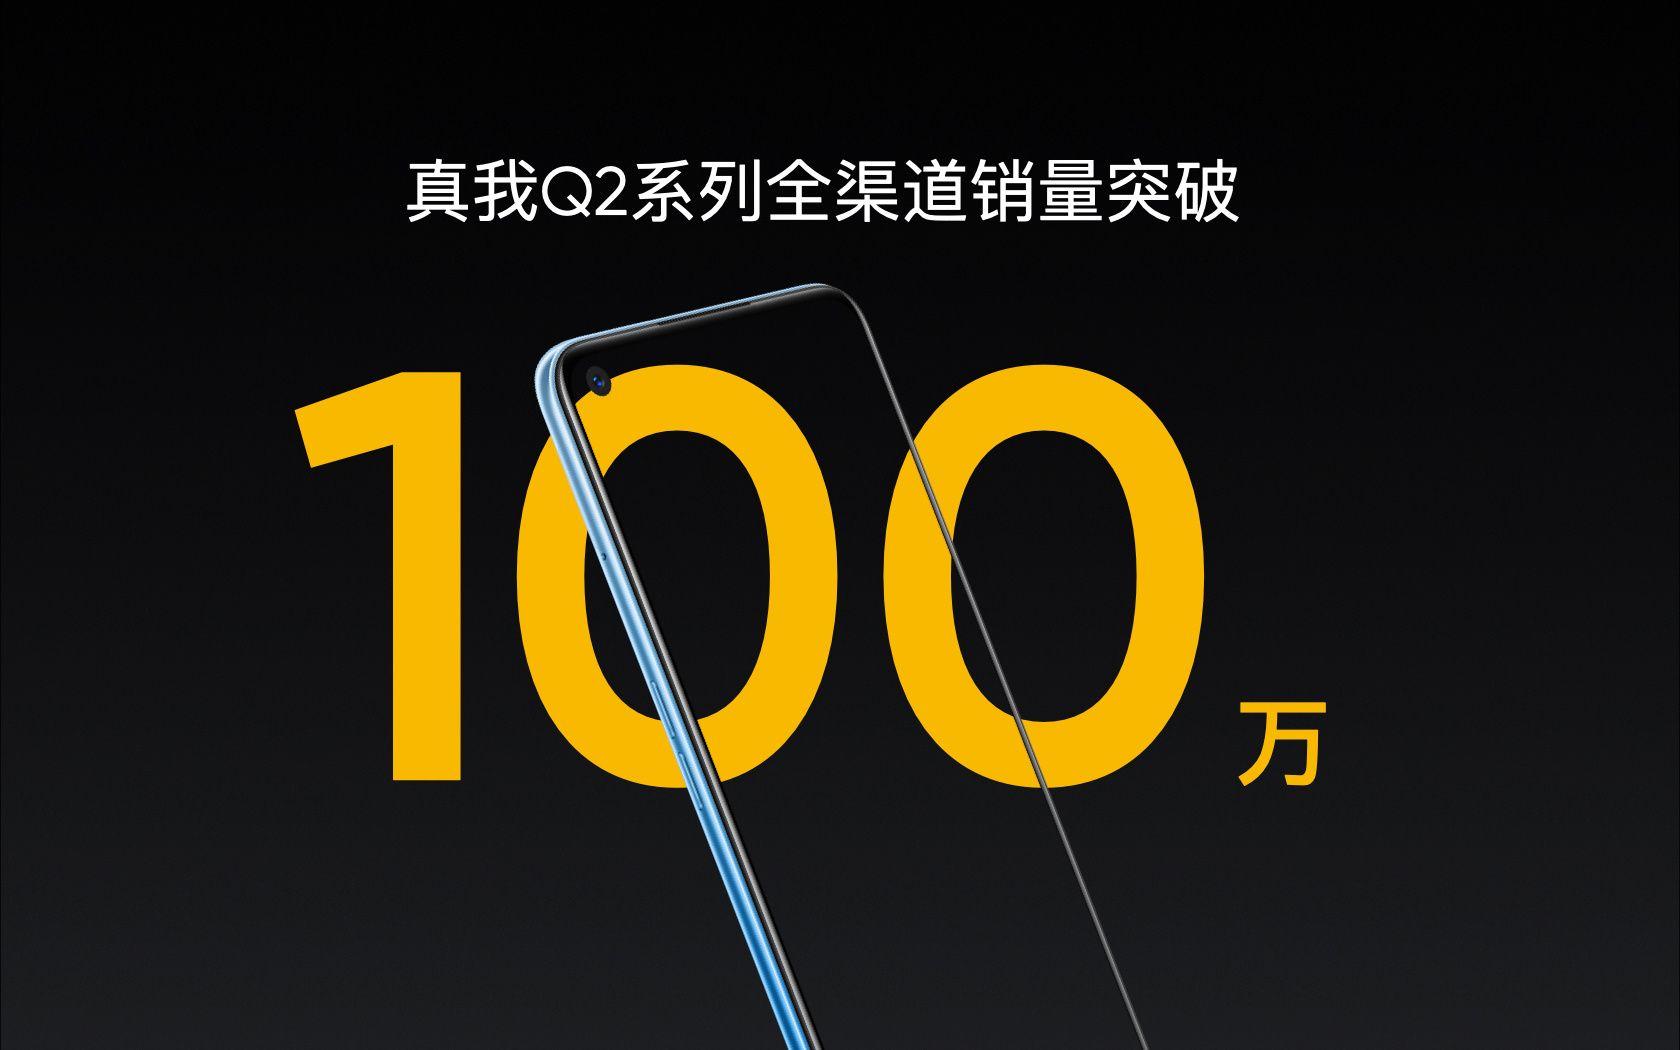 realmeはrealme Q2シリーズの販売台数が100万台を超えたと発表